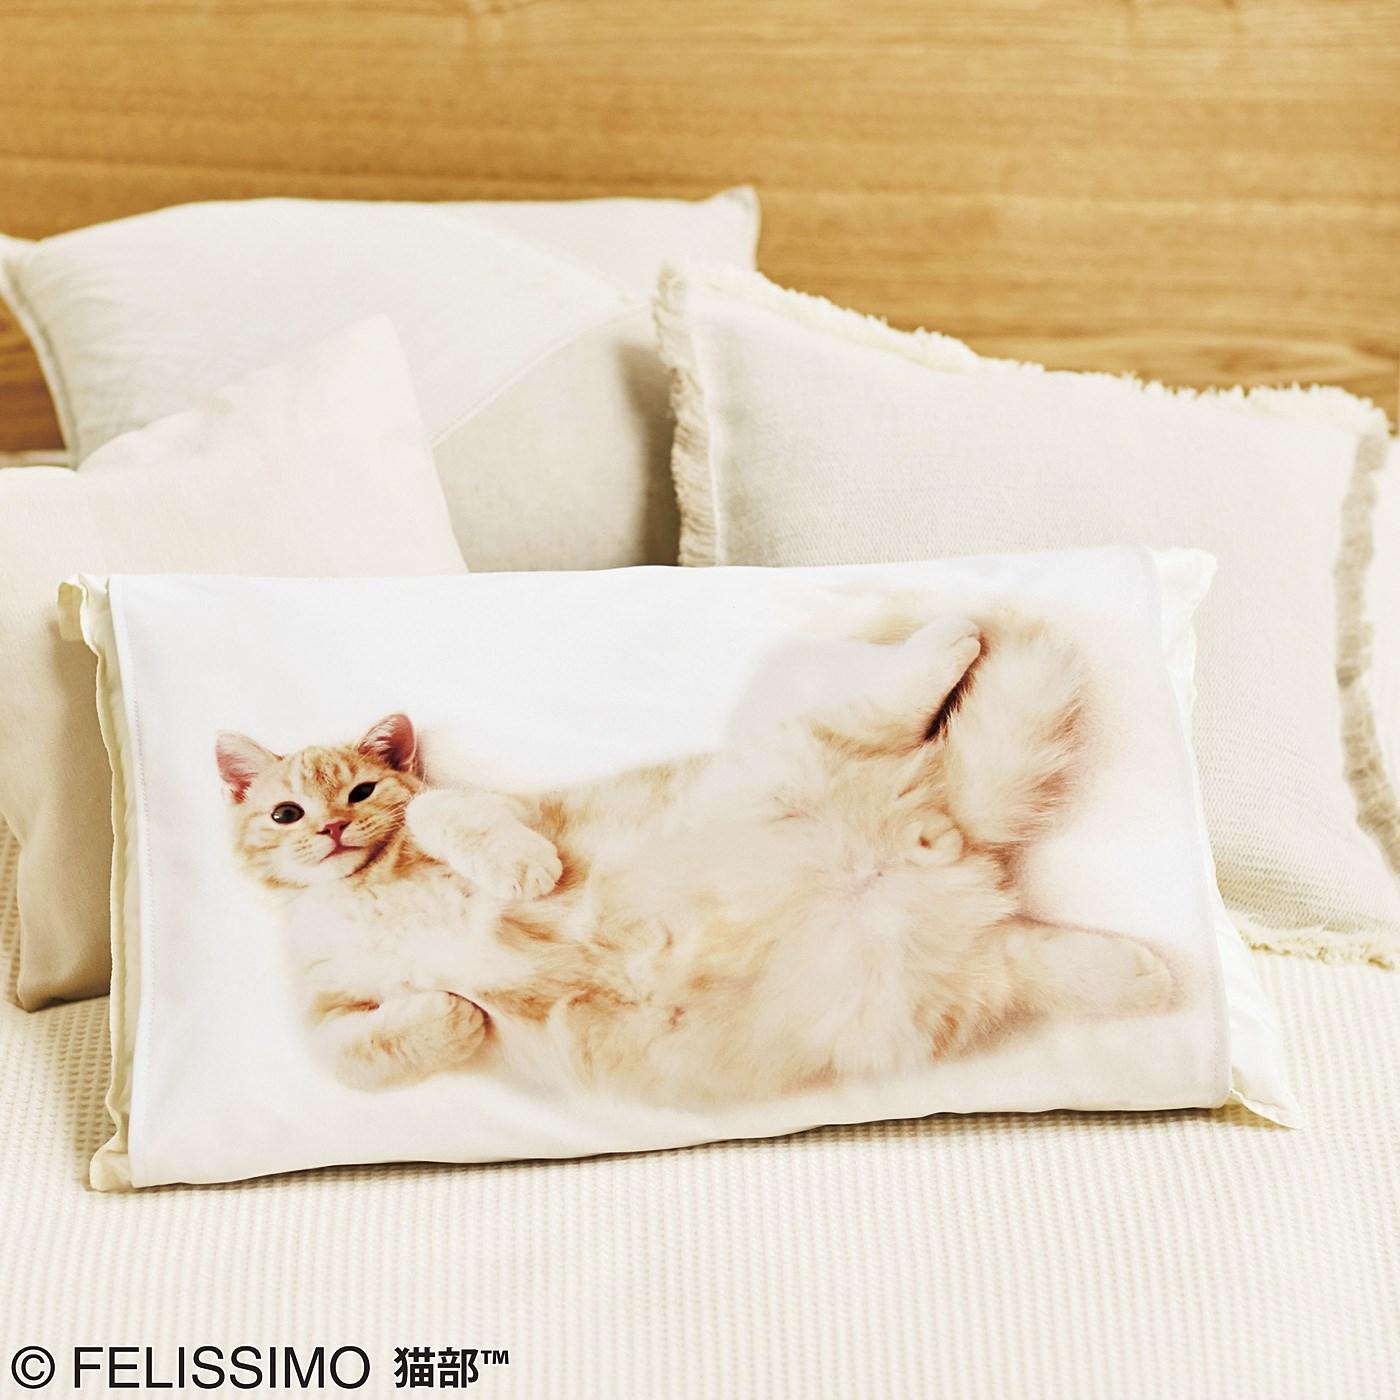 ヘソ天姿でベッドを占領!ぷーちゃん枕カバーの会